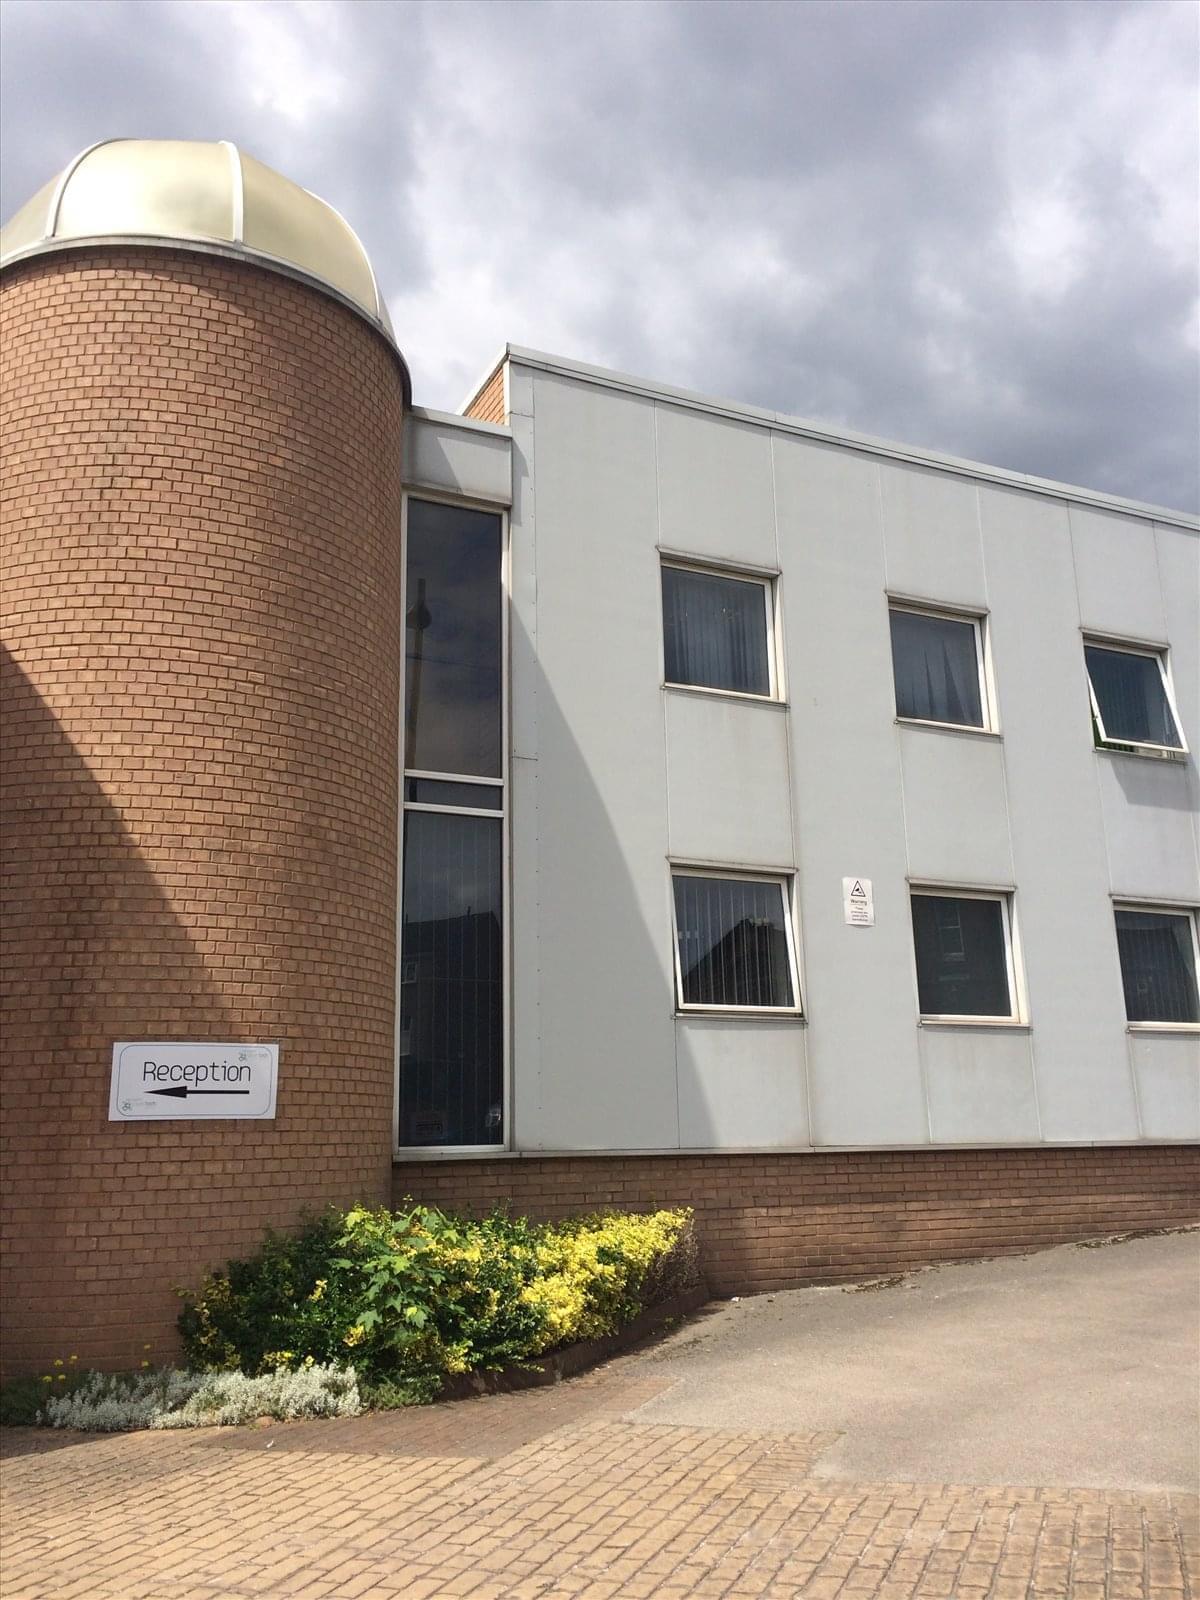 Castle Cavendish Enterprise Centre Office Space